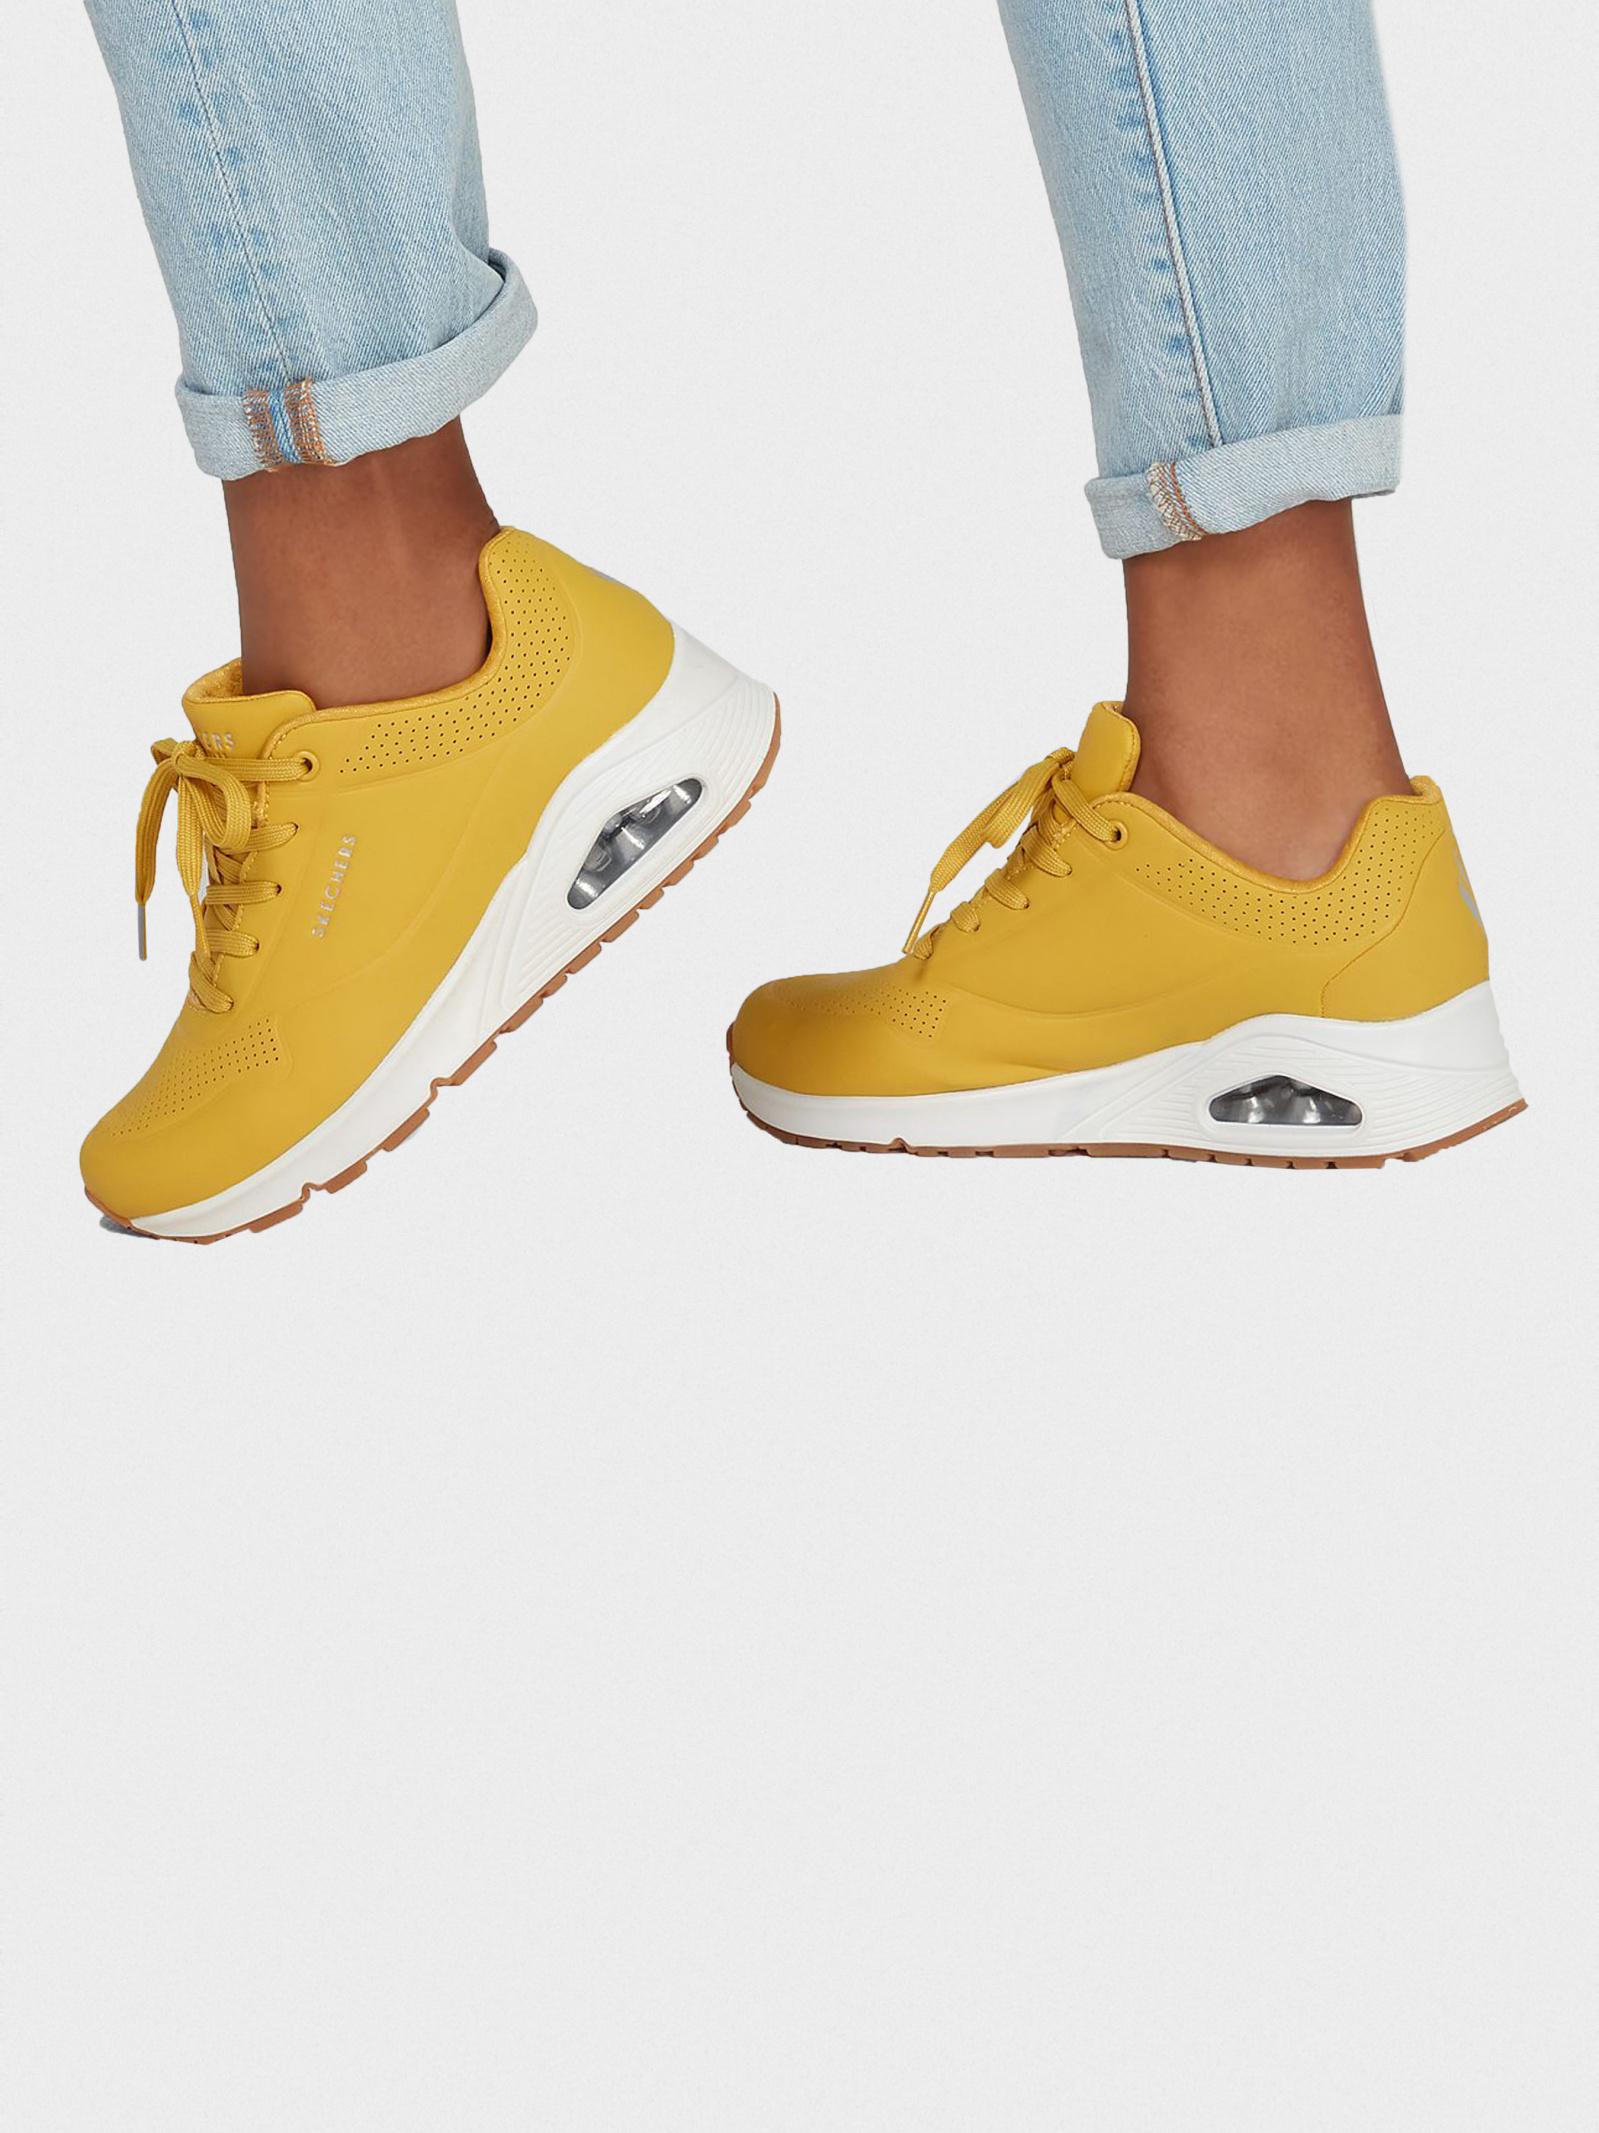 Кросівки  для жінок Skechers 73690 YLW розміри взуття, 2017